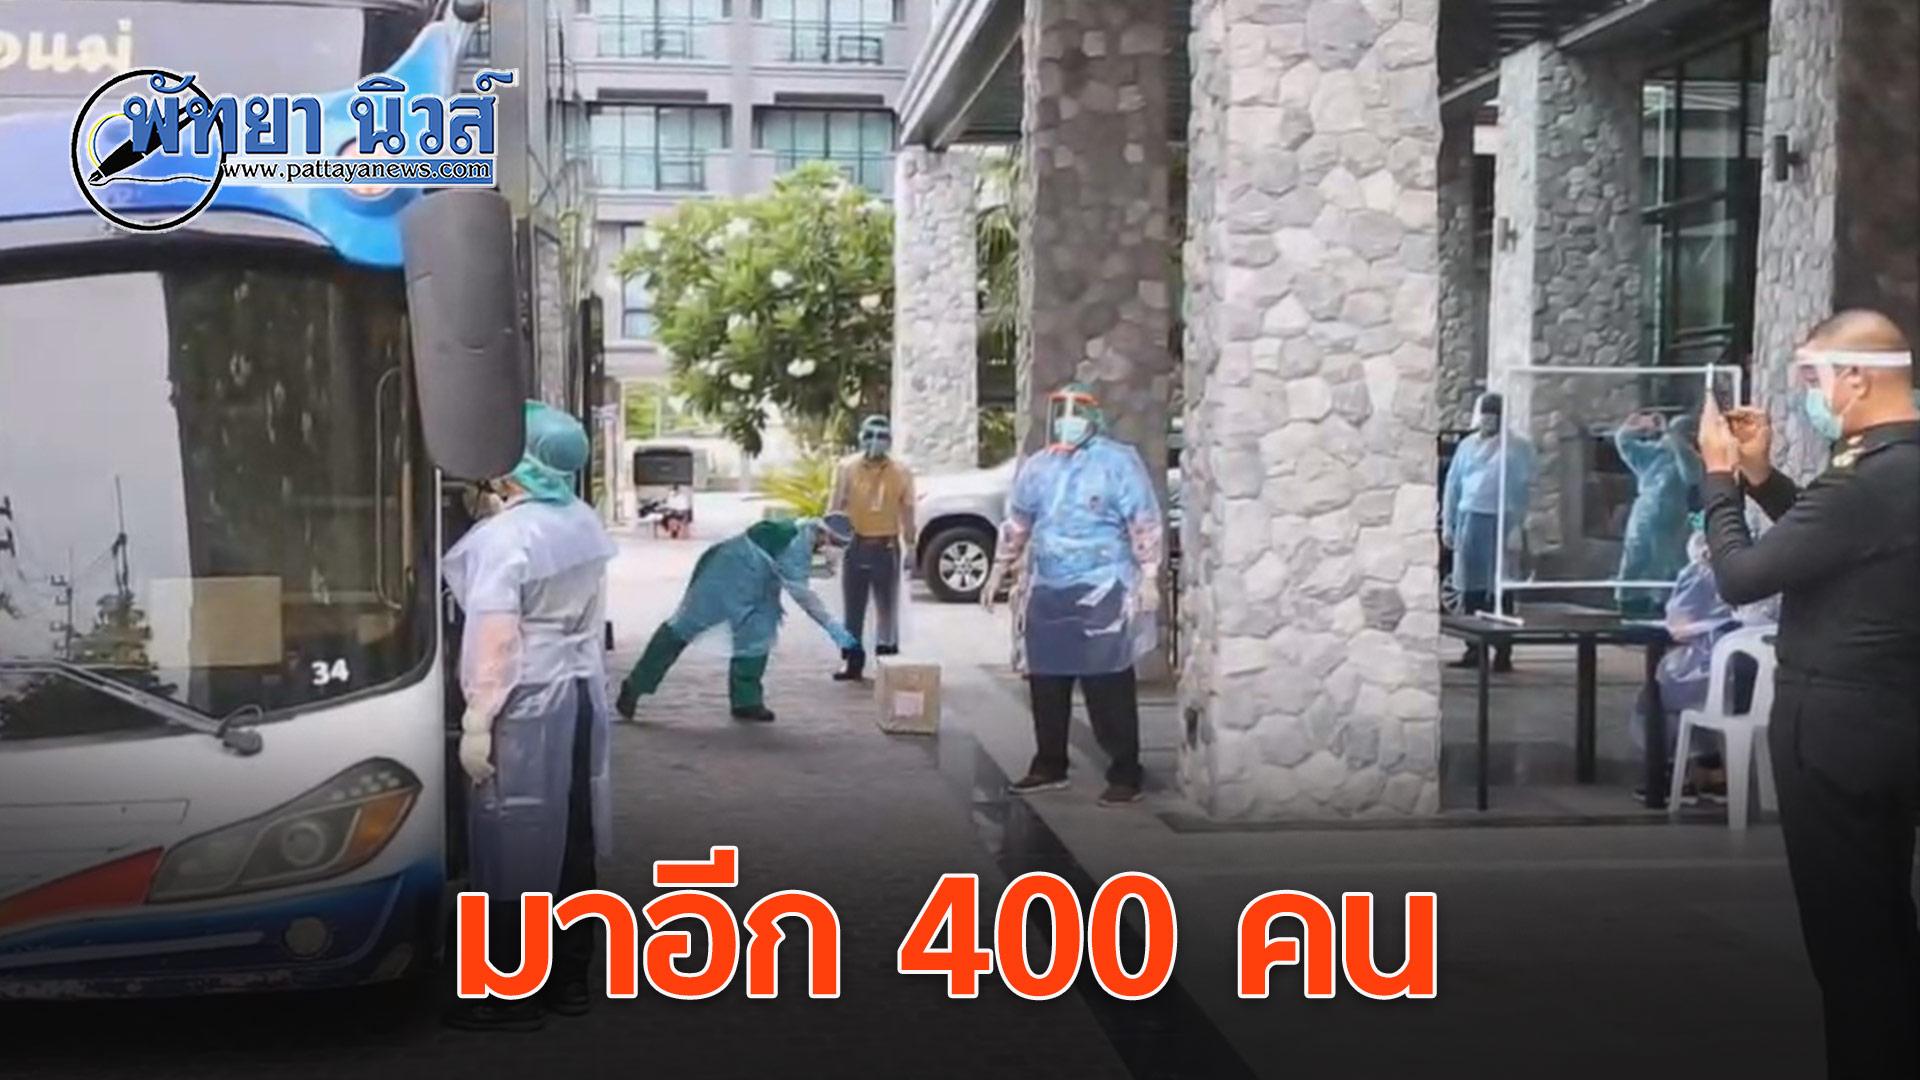 คนไทยอีก 4 ประเทศ ที่ตกค้างทยอยเดินทางกลับไทย กักตัวที่พัทยา